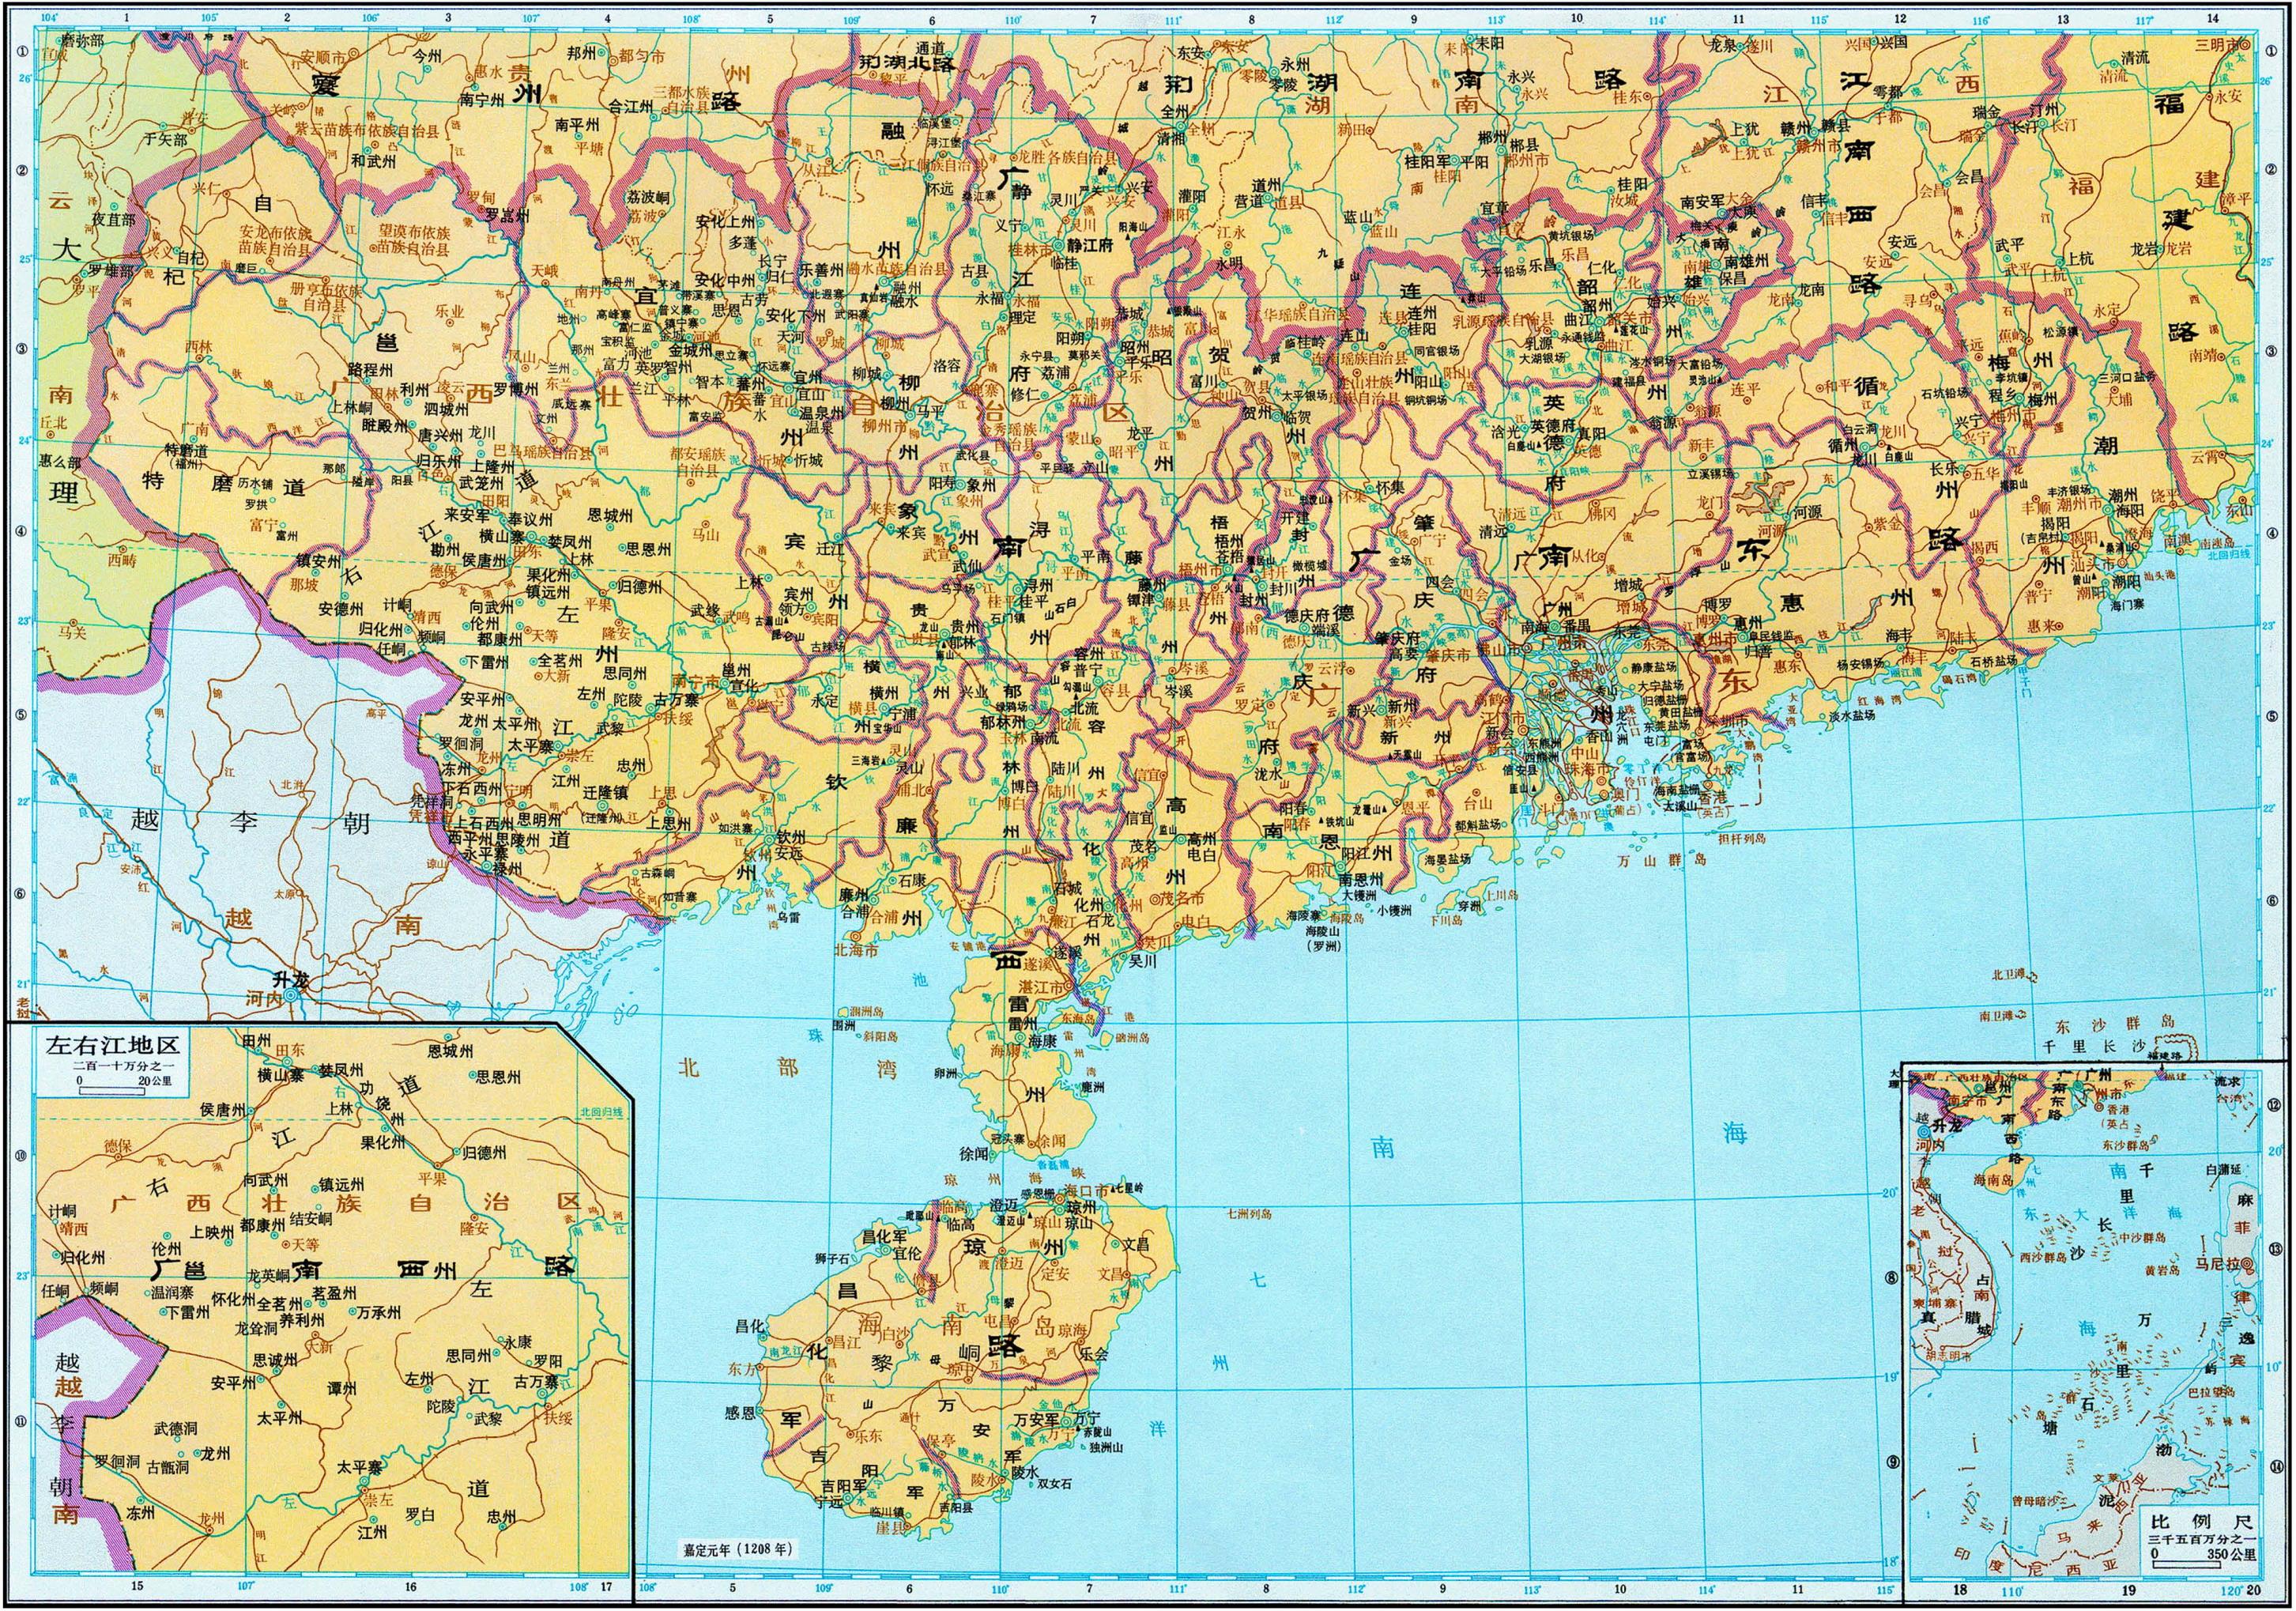 南宋地图全图